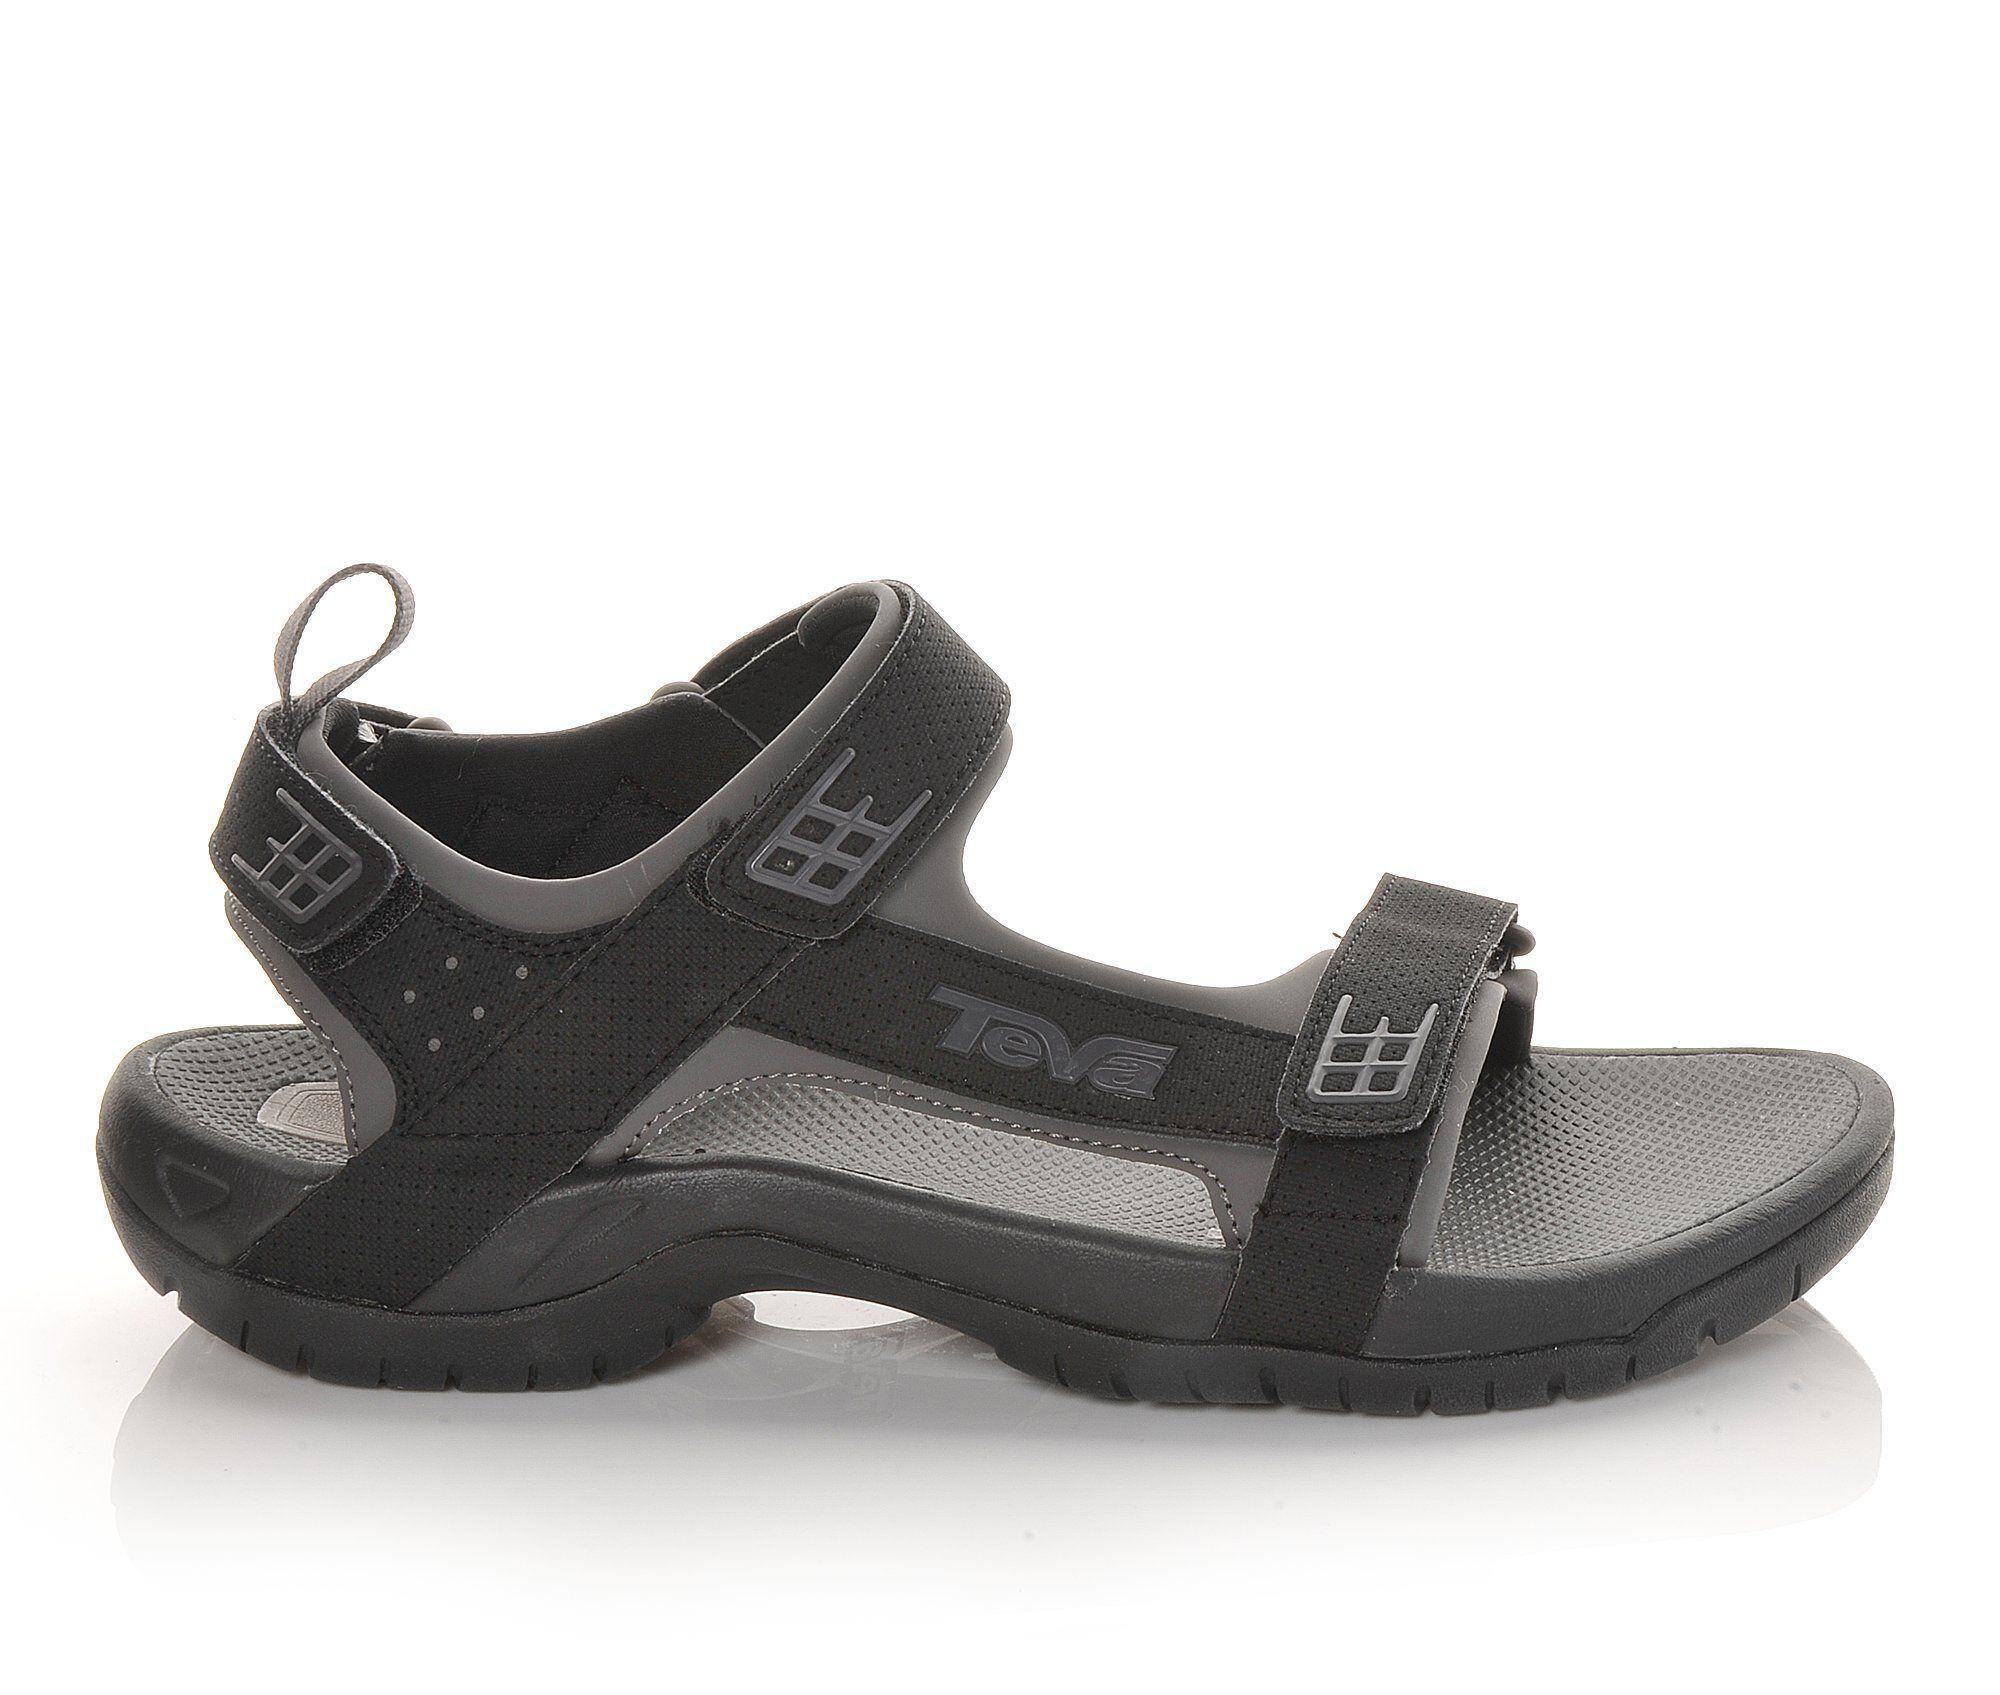 Teva Minam Mens Sandals Mens  Low Heel